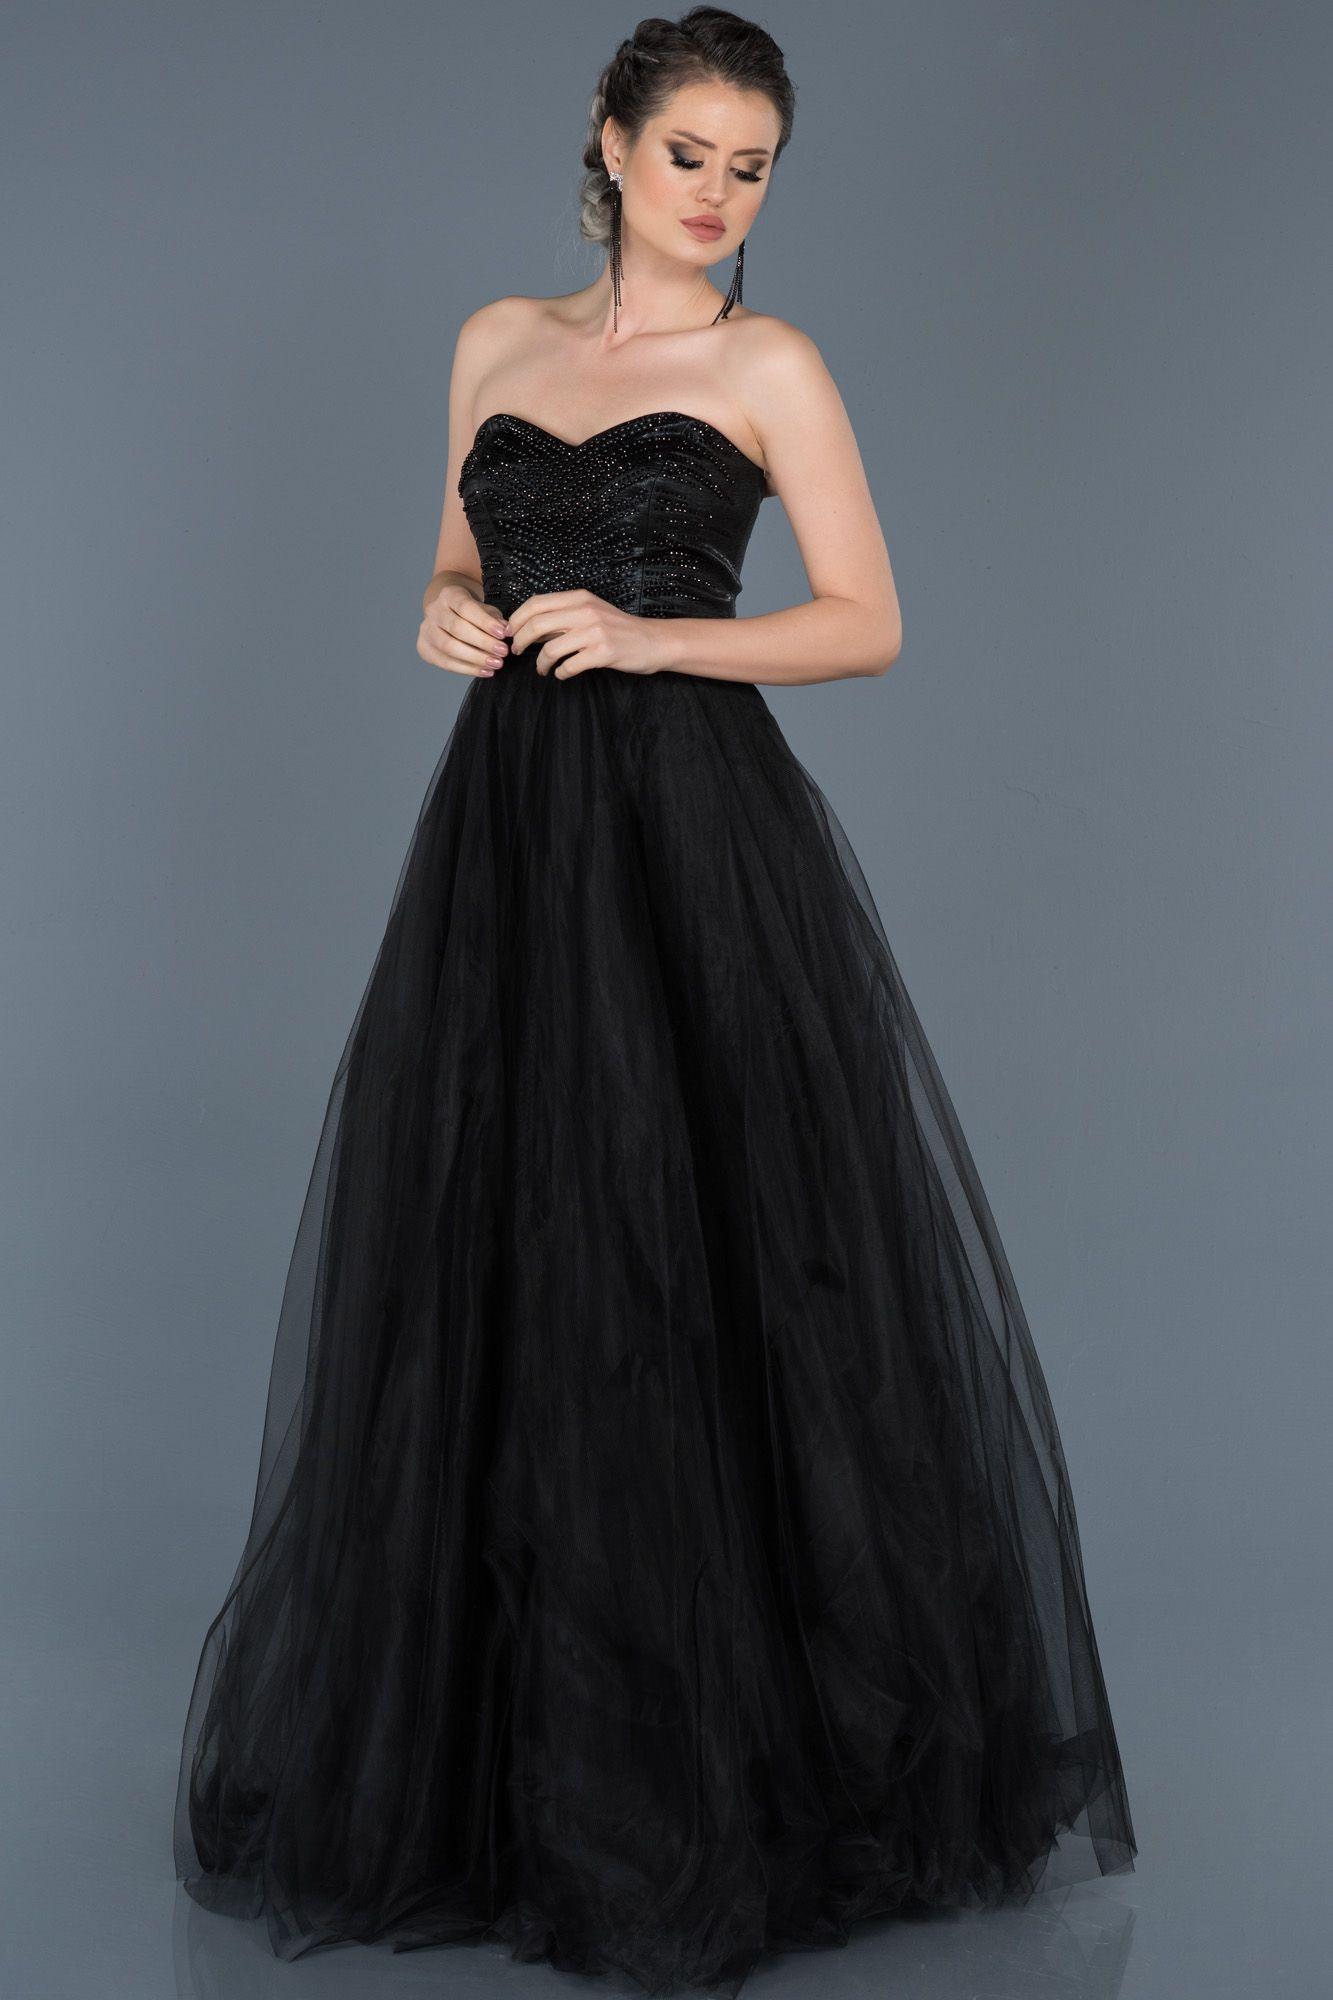 Siyah Straplez Prenses Abiye Abu574 Siyah Abiye Elbiseler Moda Stilleri